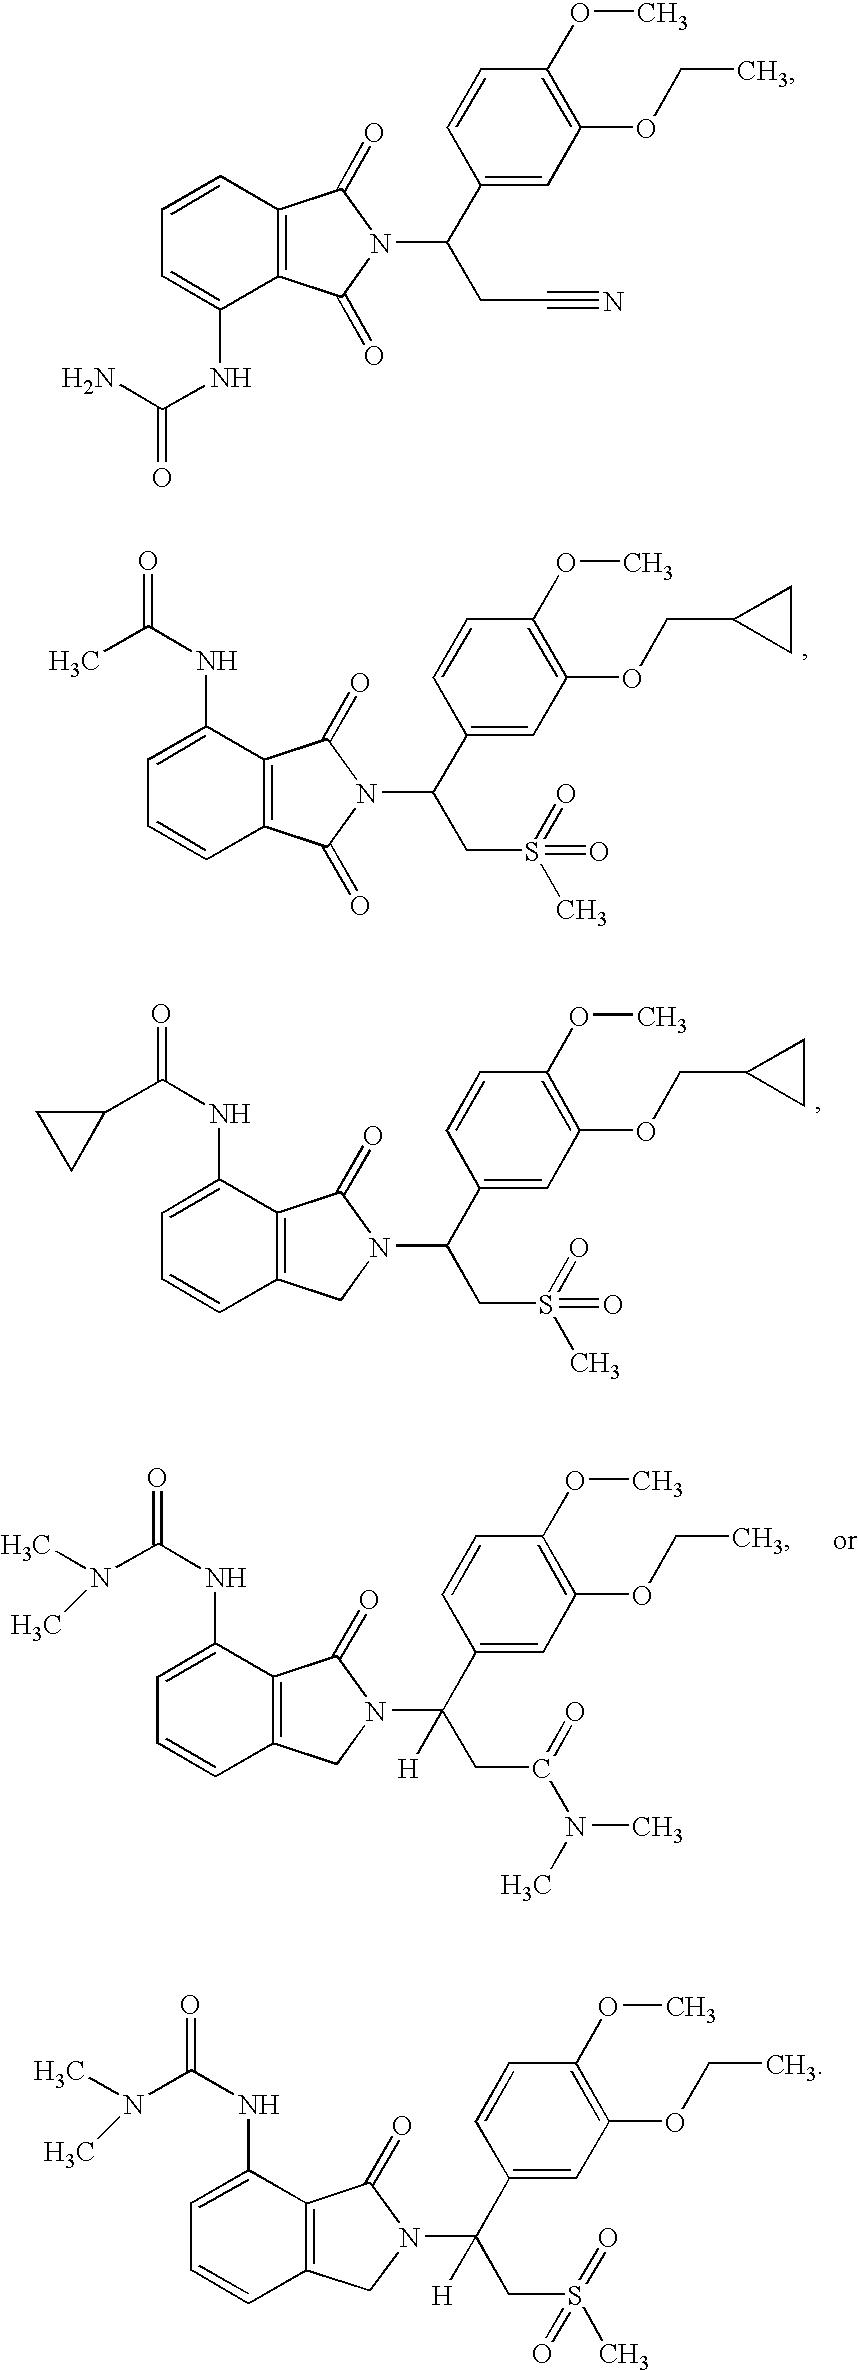 Figure US20060084815A1-20060420-C00036